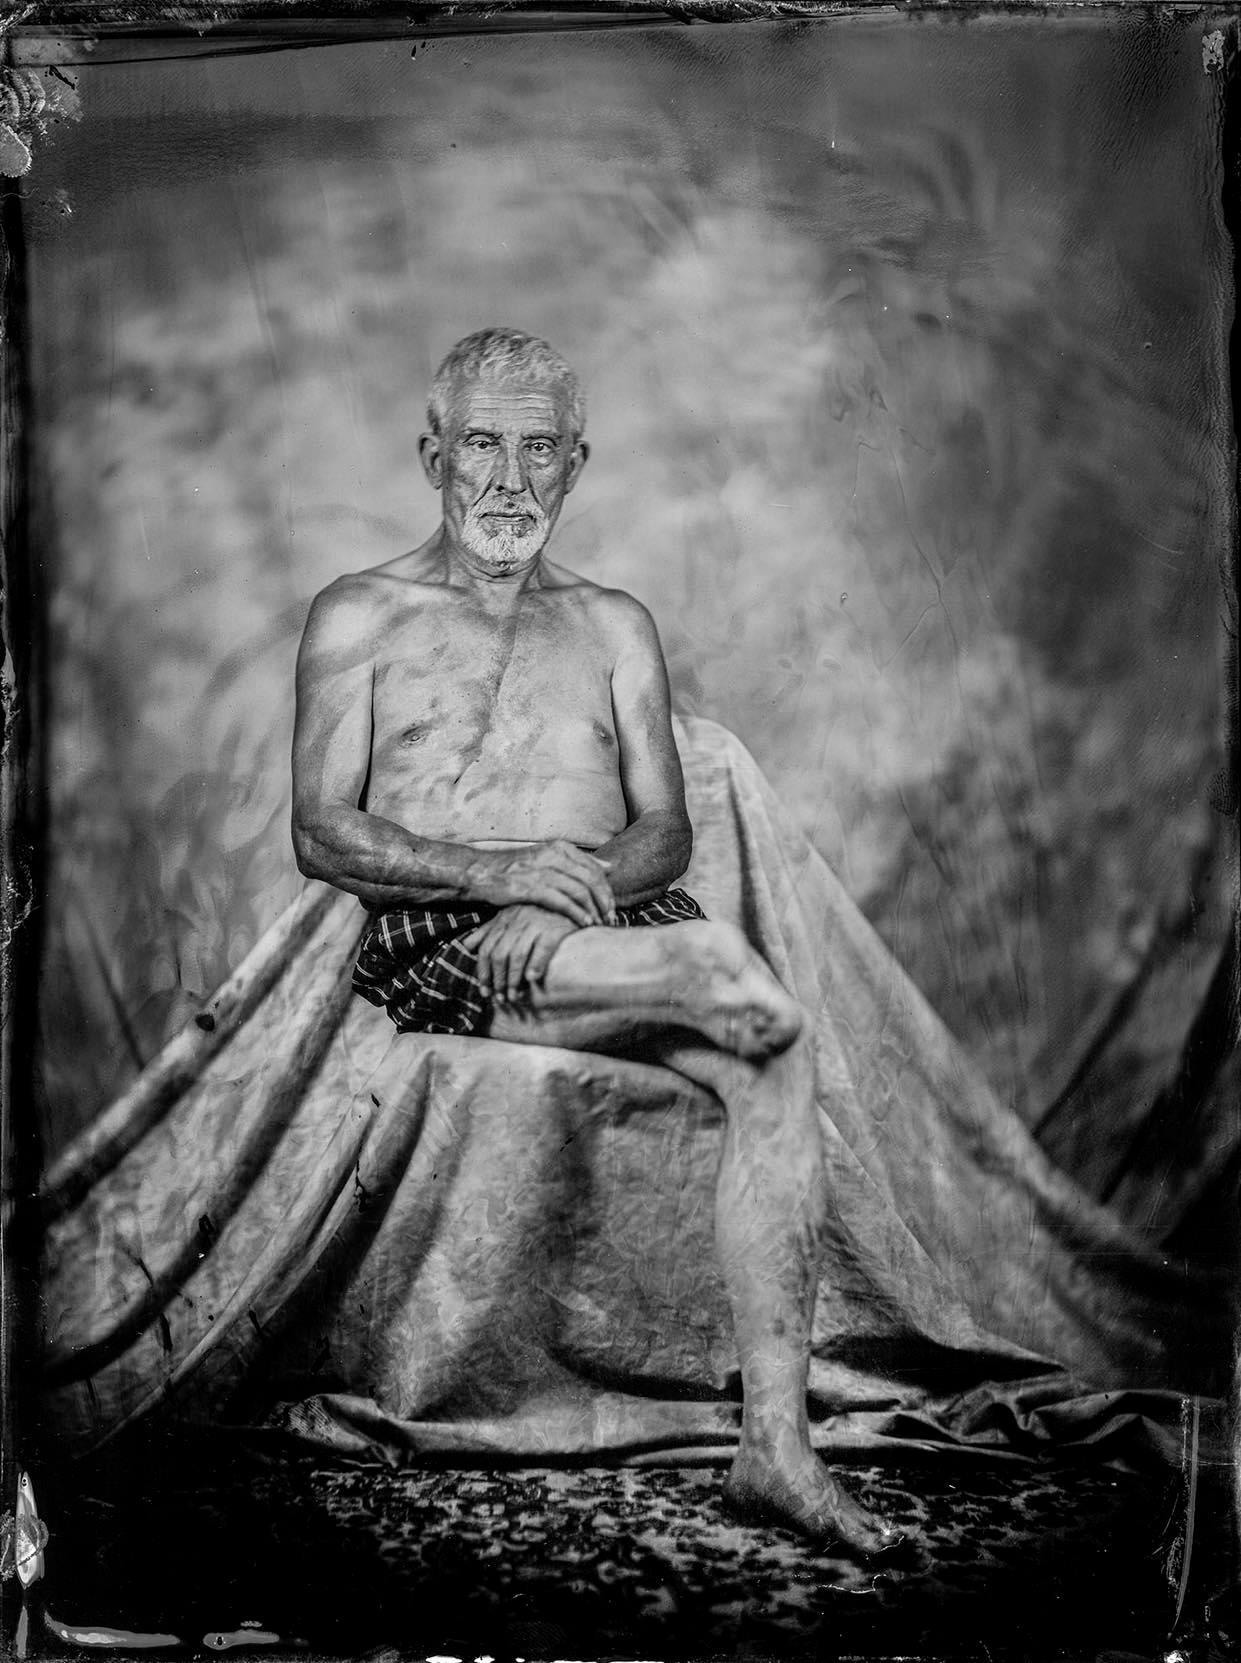 Conversa sobre um projeto fotográfico _' Despojos de Guerra' de  Leonel de Castro